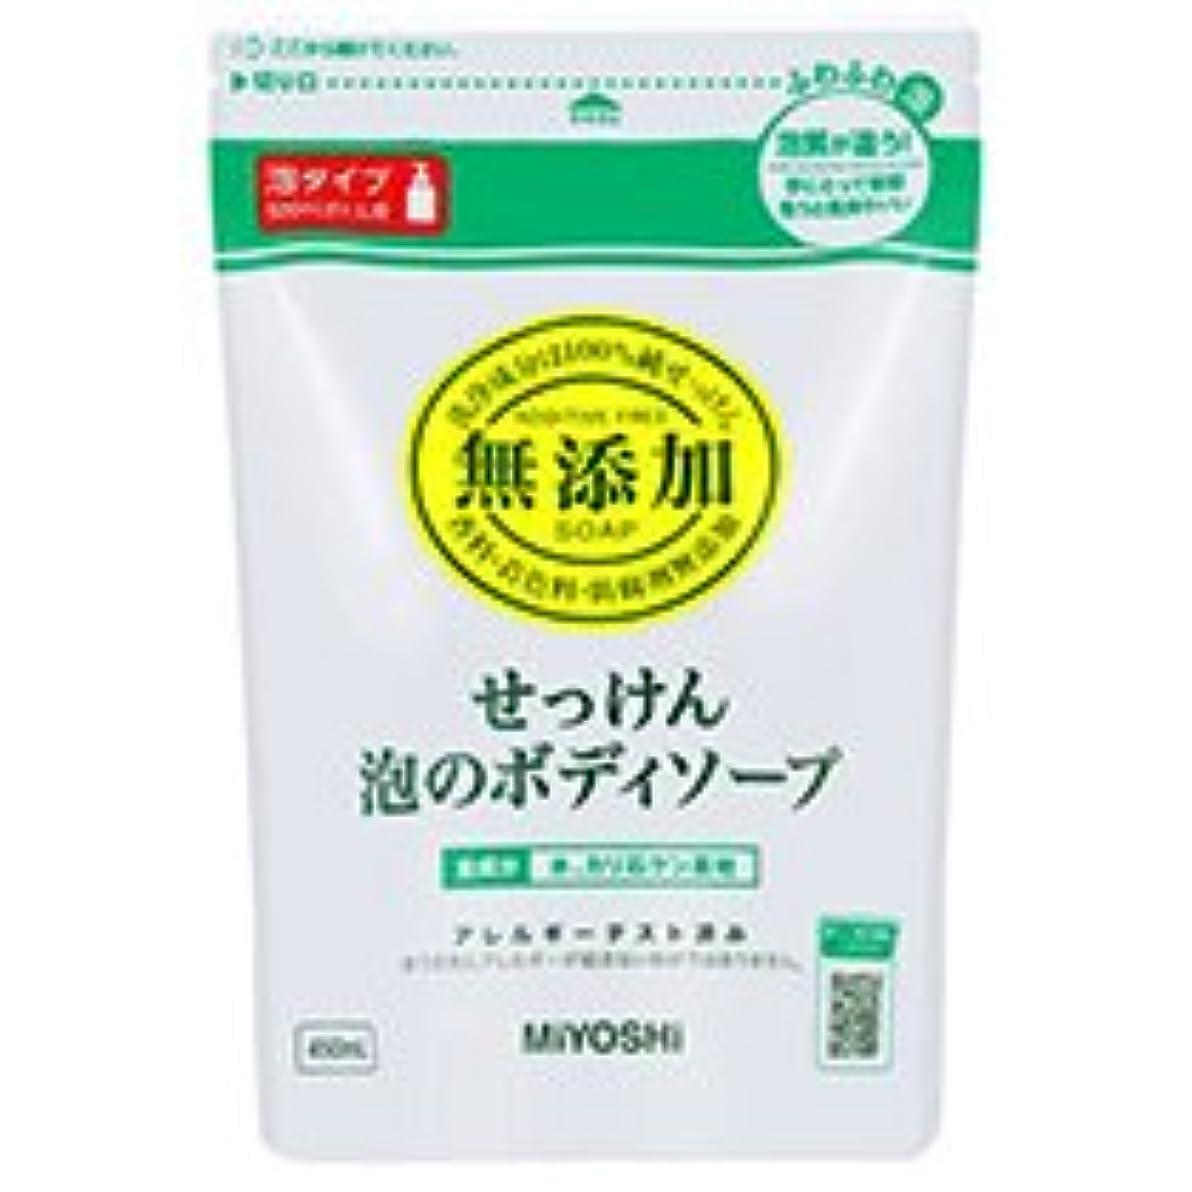 支援補正出来事ミヨシ石鹸 無添加せっけん 泡のボディソープ 詰替用 450ml 1個